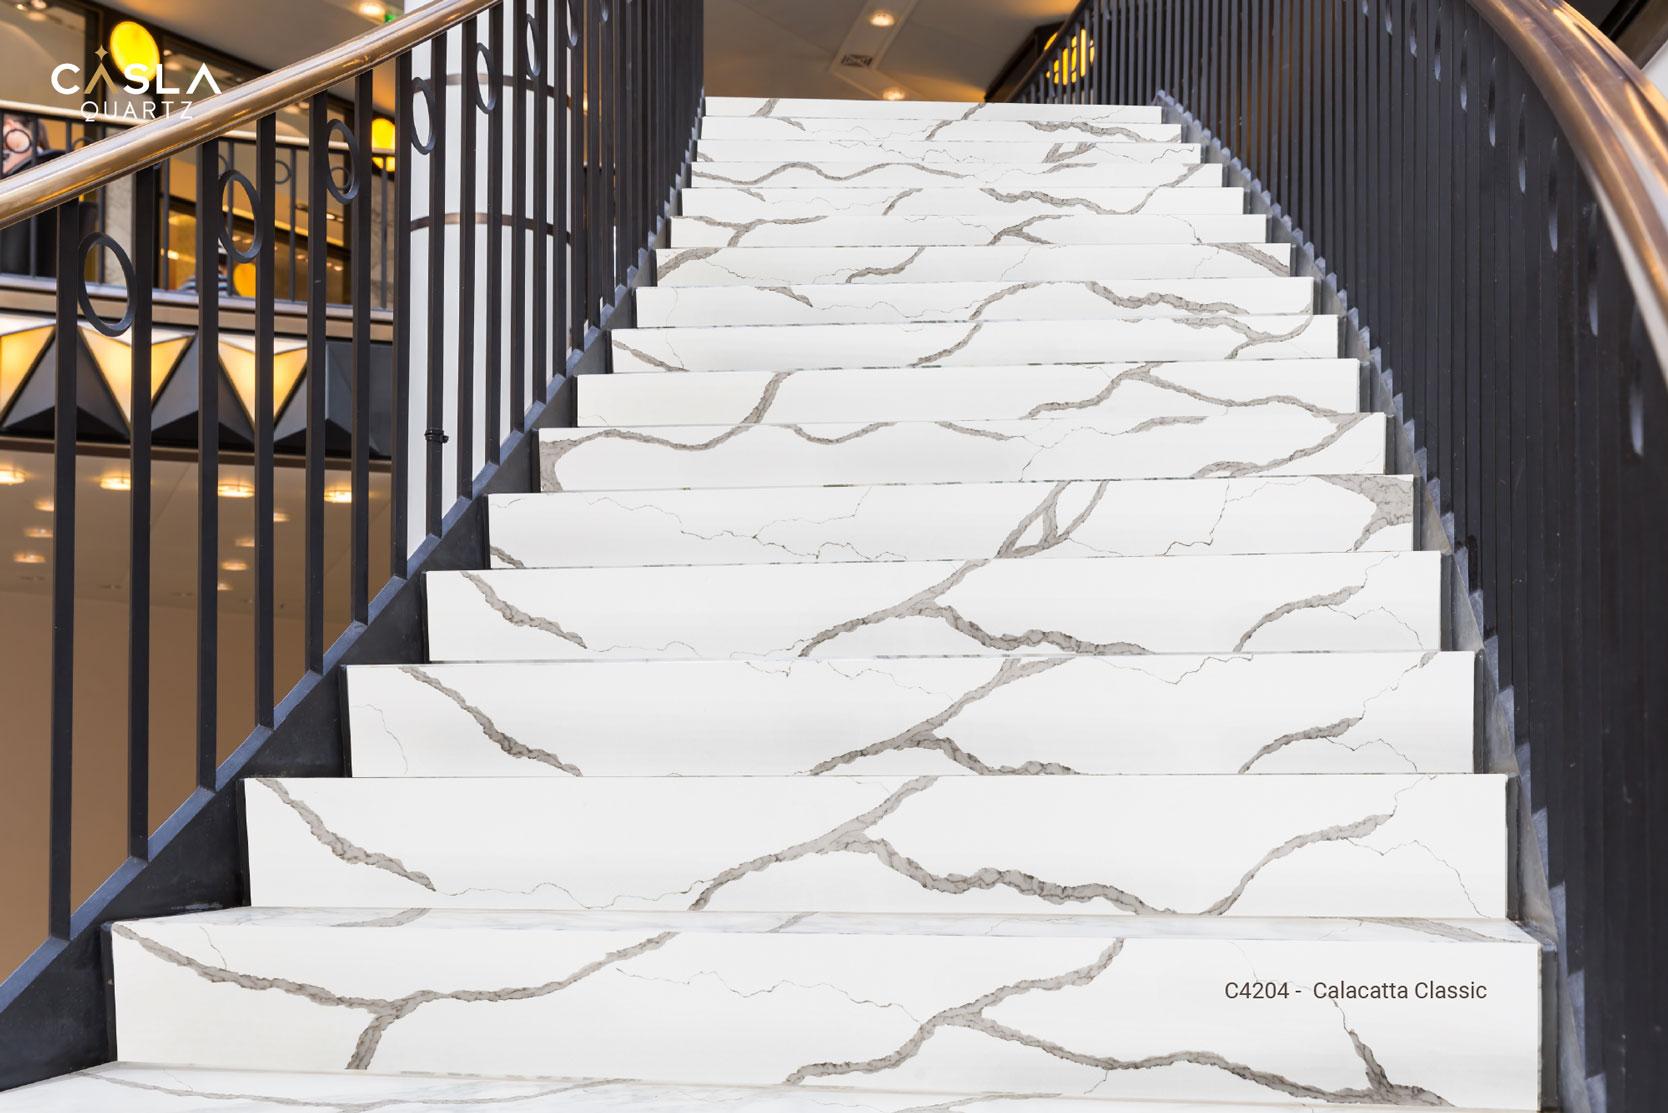 Top 5 mẫu đá ốp cầu thang đẹp từ thương hiệu đá cao cấp Caslaquartz